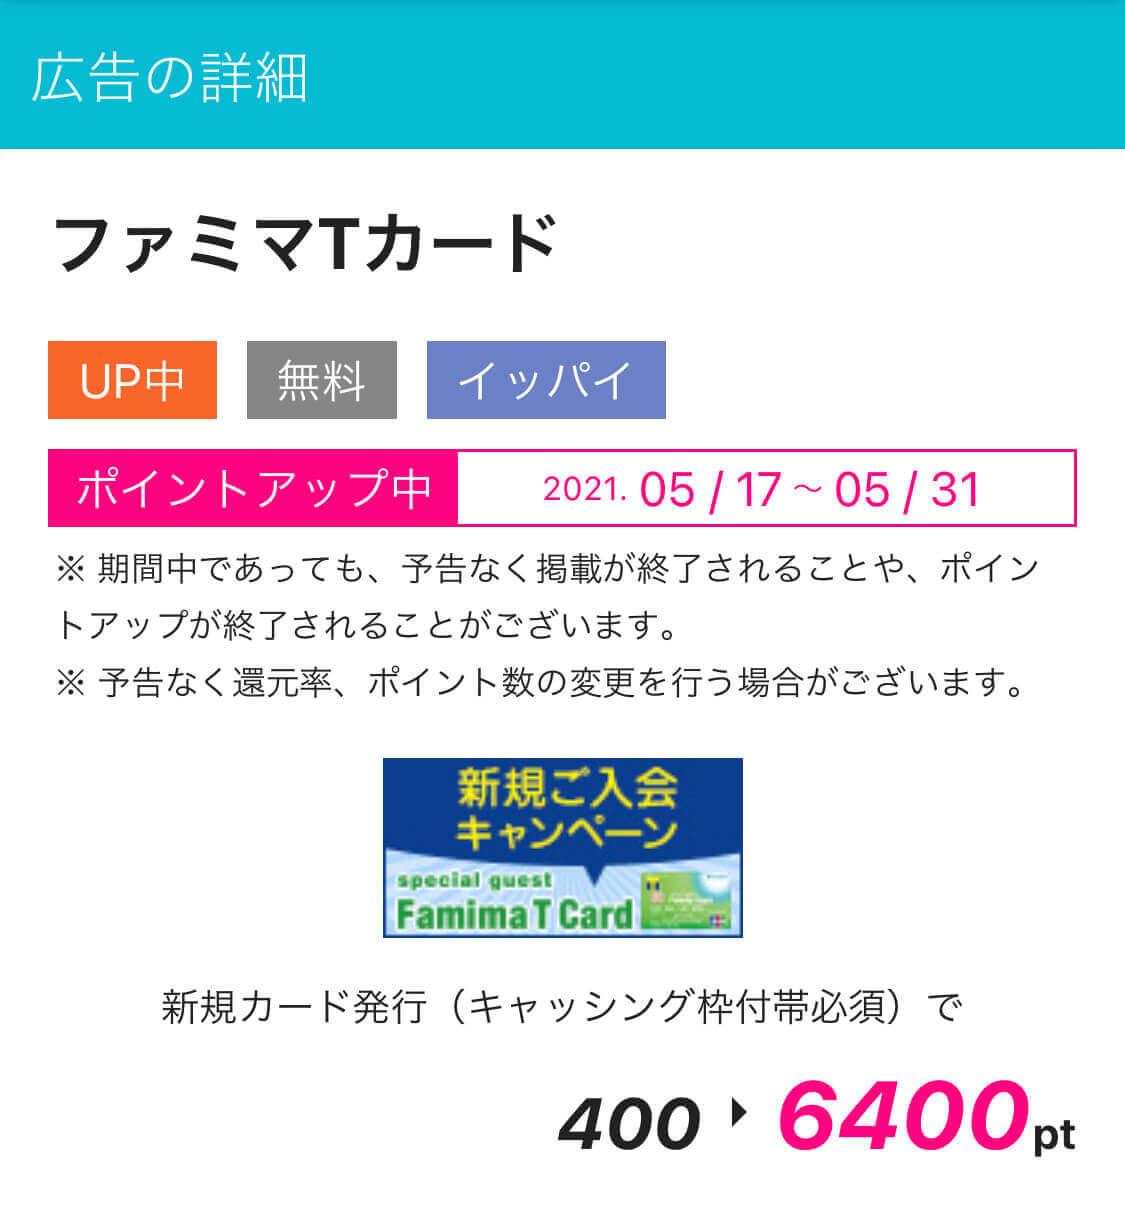 【ハピタスおすすめ案件】ファミマTカード